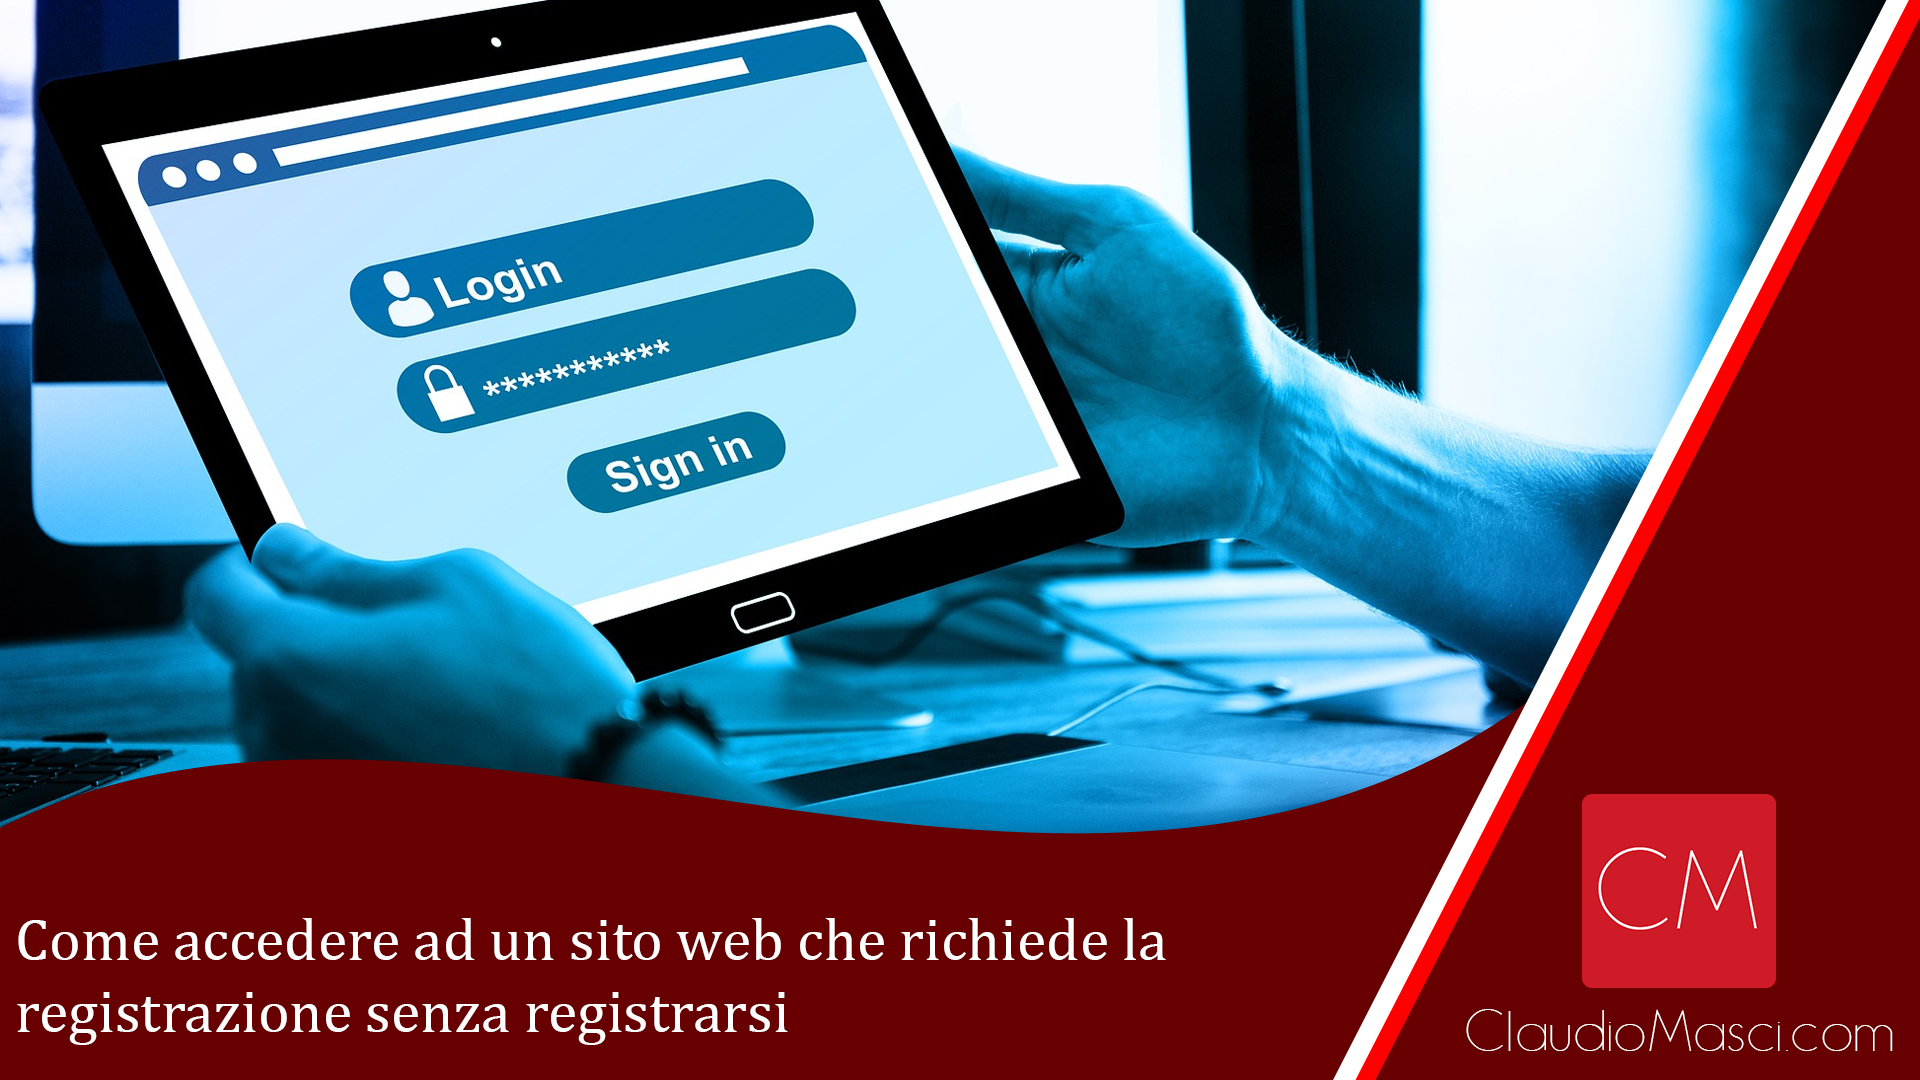 Come accedere ad un sito web che richiede la registrazione senza registrarsi